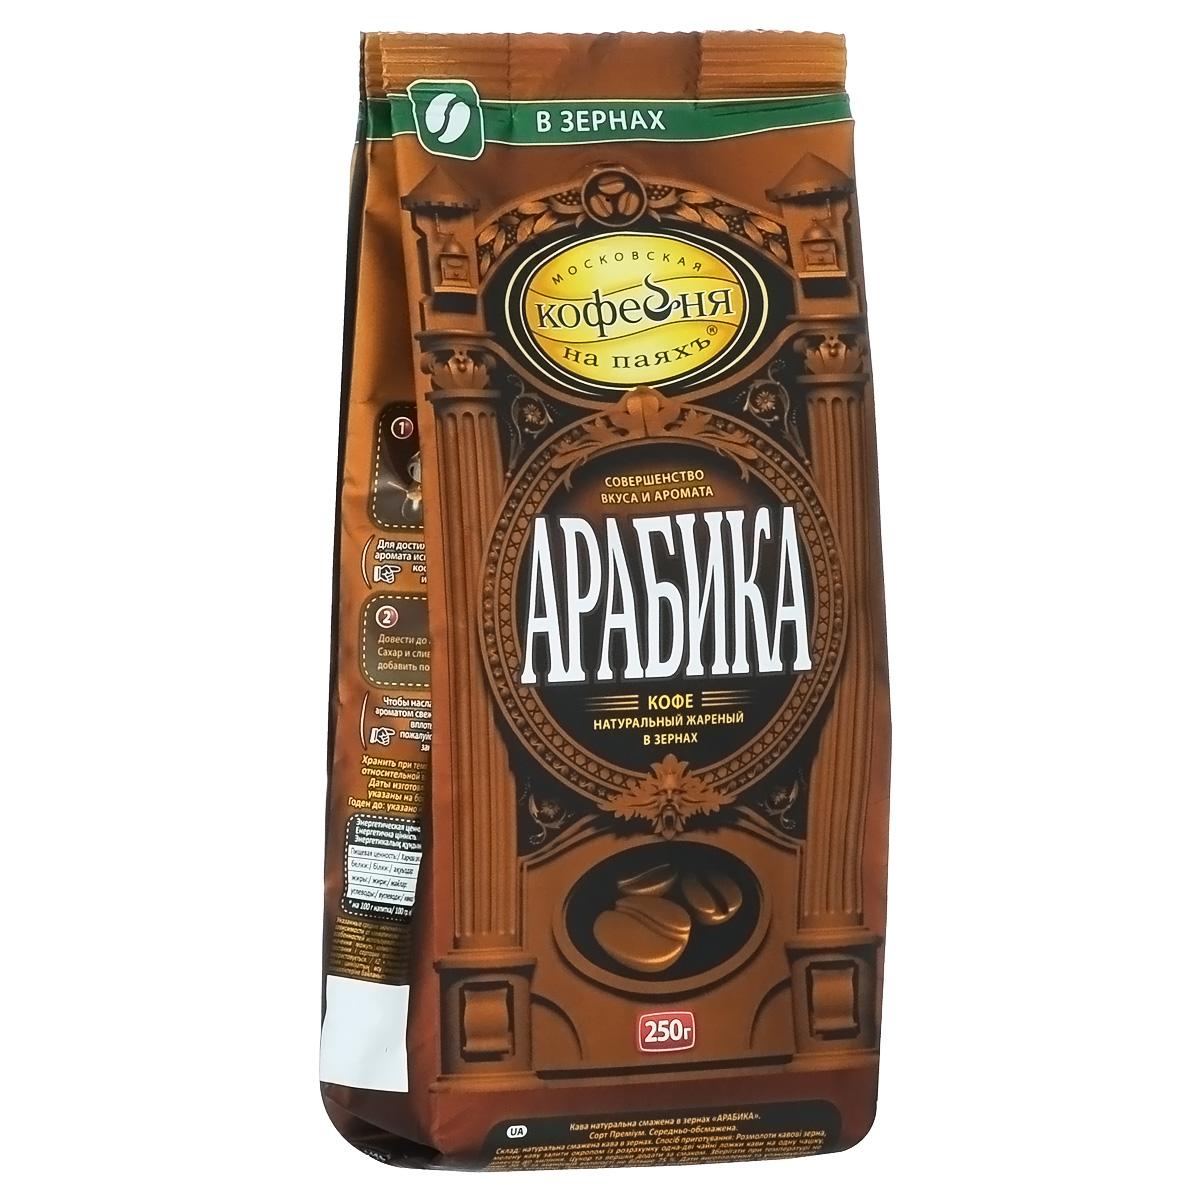 Московская кофейня на паяхъ Арабика кофе в зернах, 250 г4601985000014